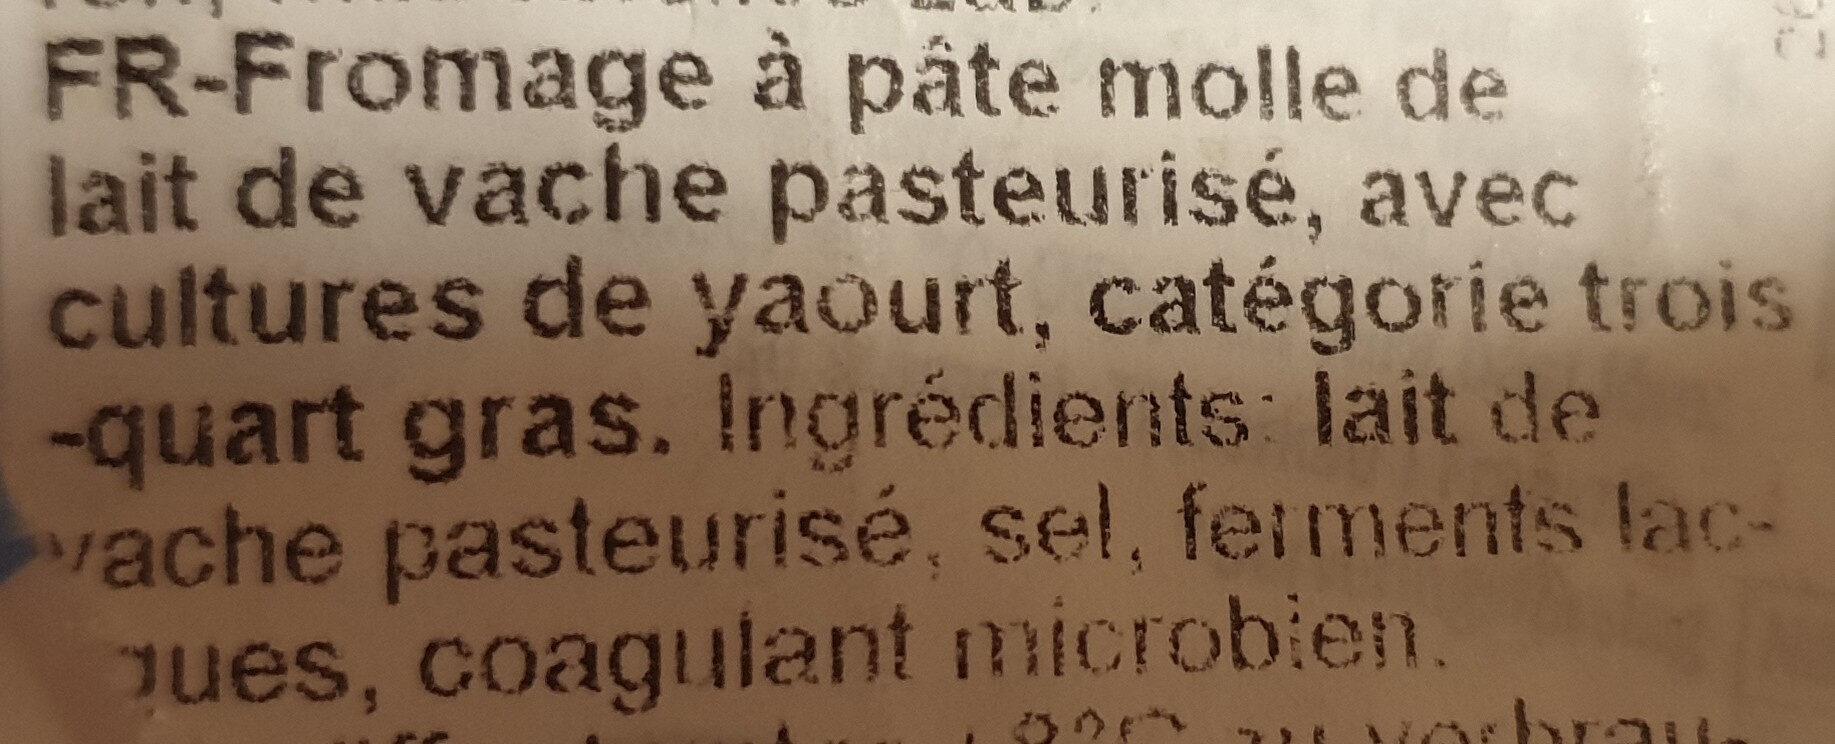 Doux et crémeux 39% Fett i. Tr. - Ingredients